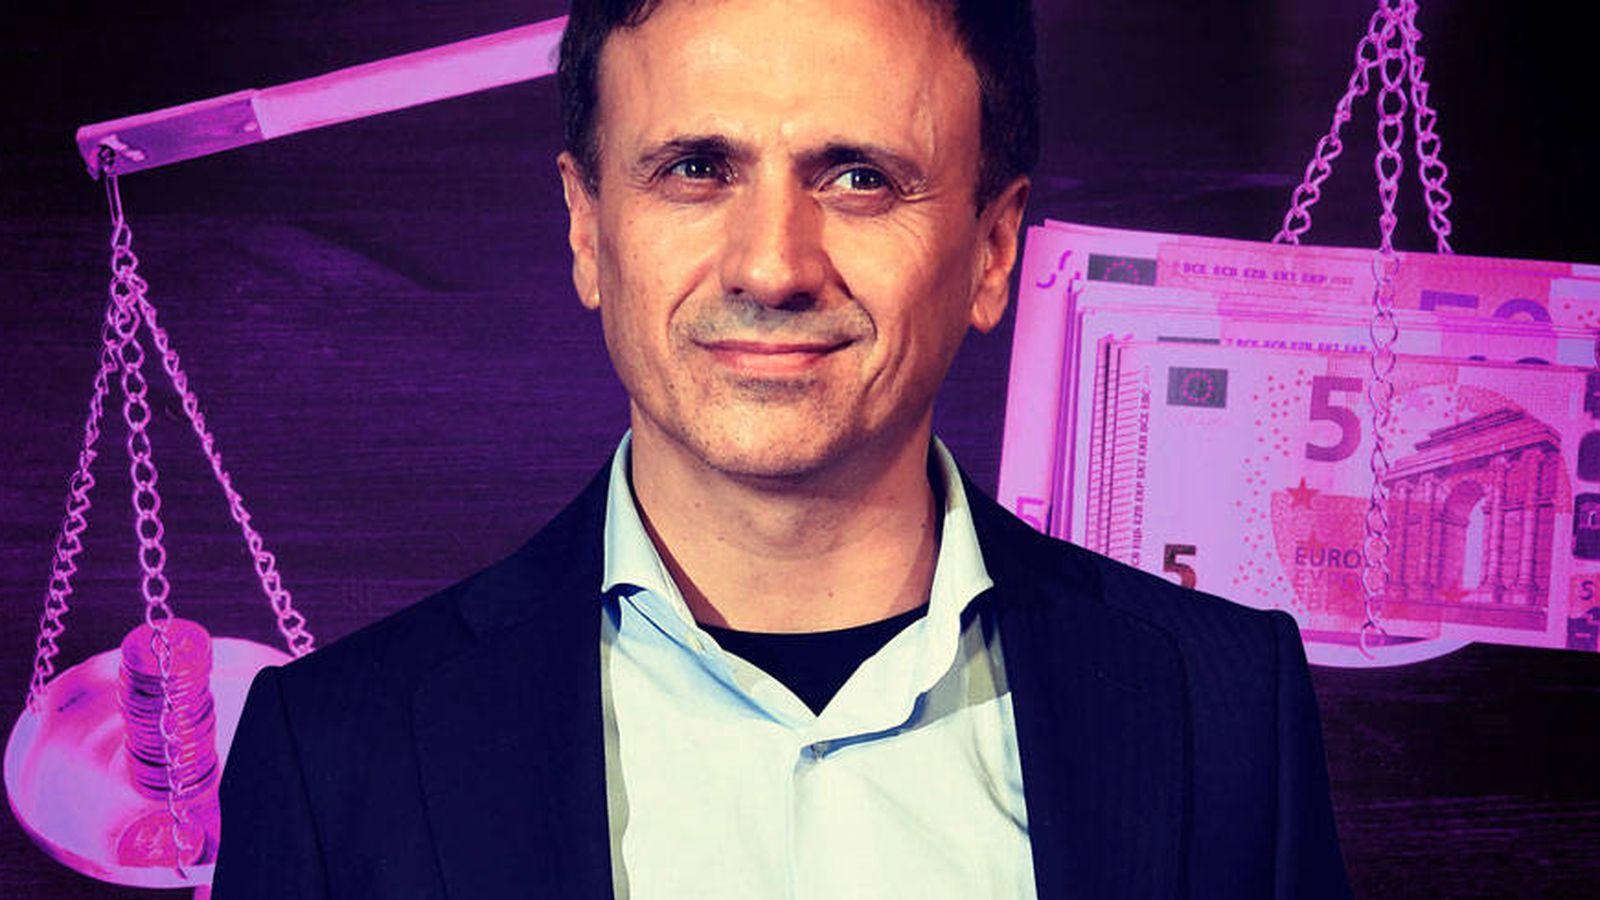 Foto: El actor y humorista José Mota. (Fotomontaje por Vanitatis)